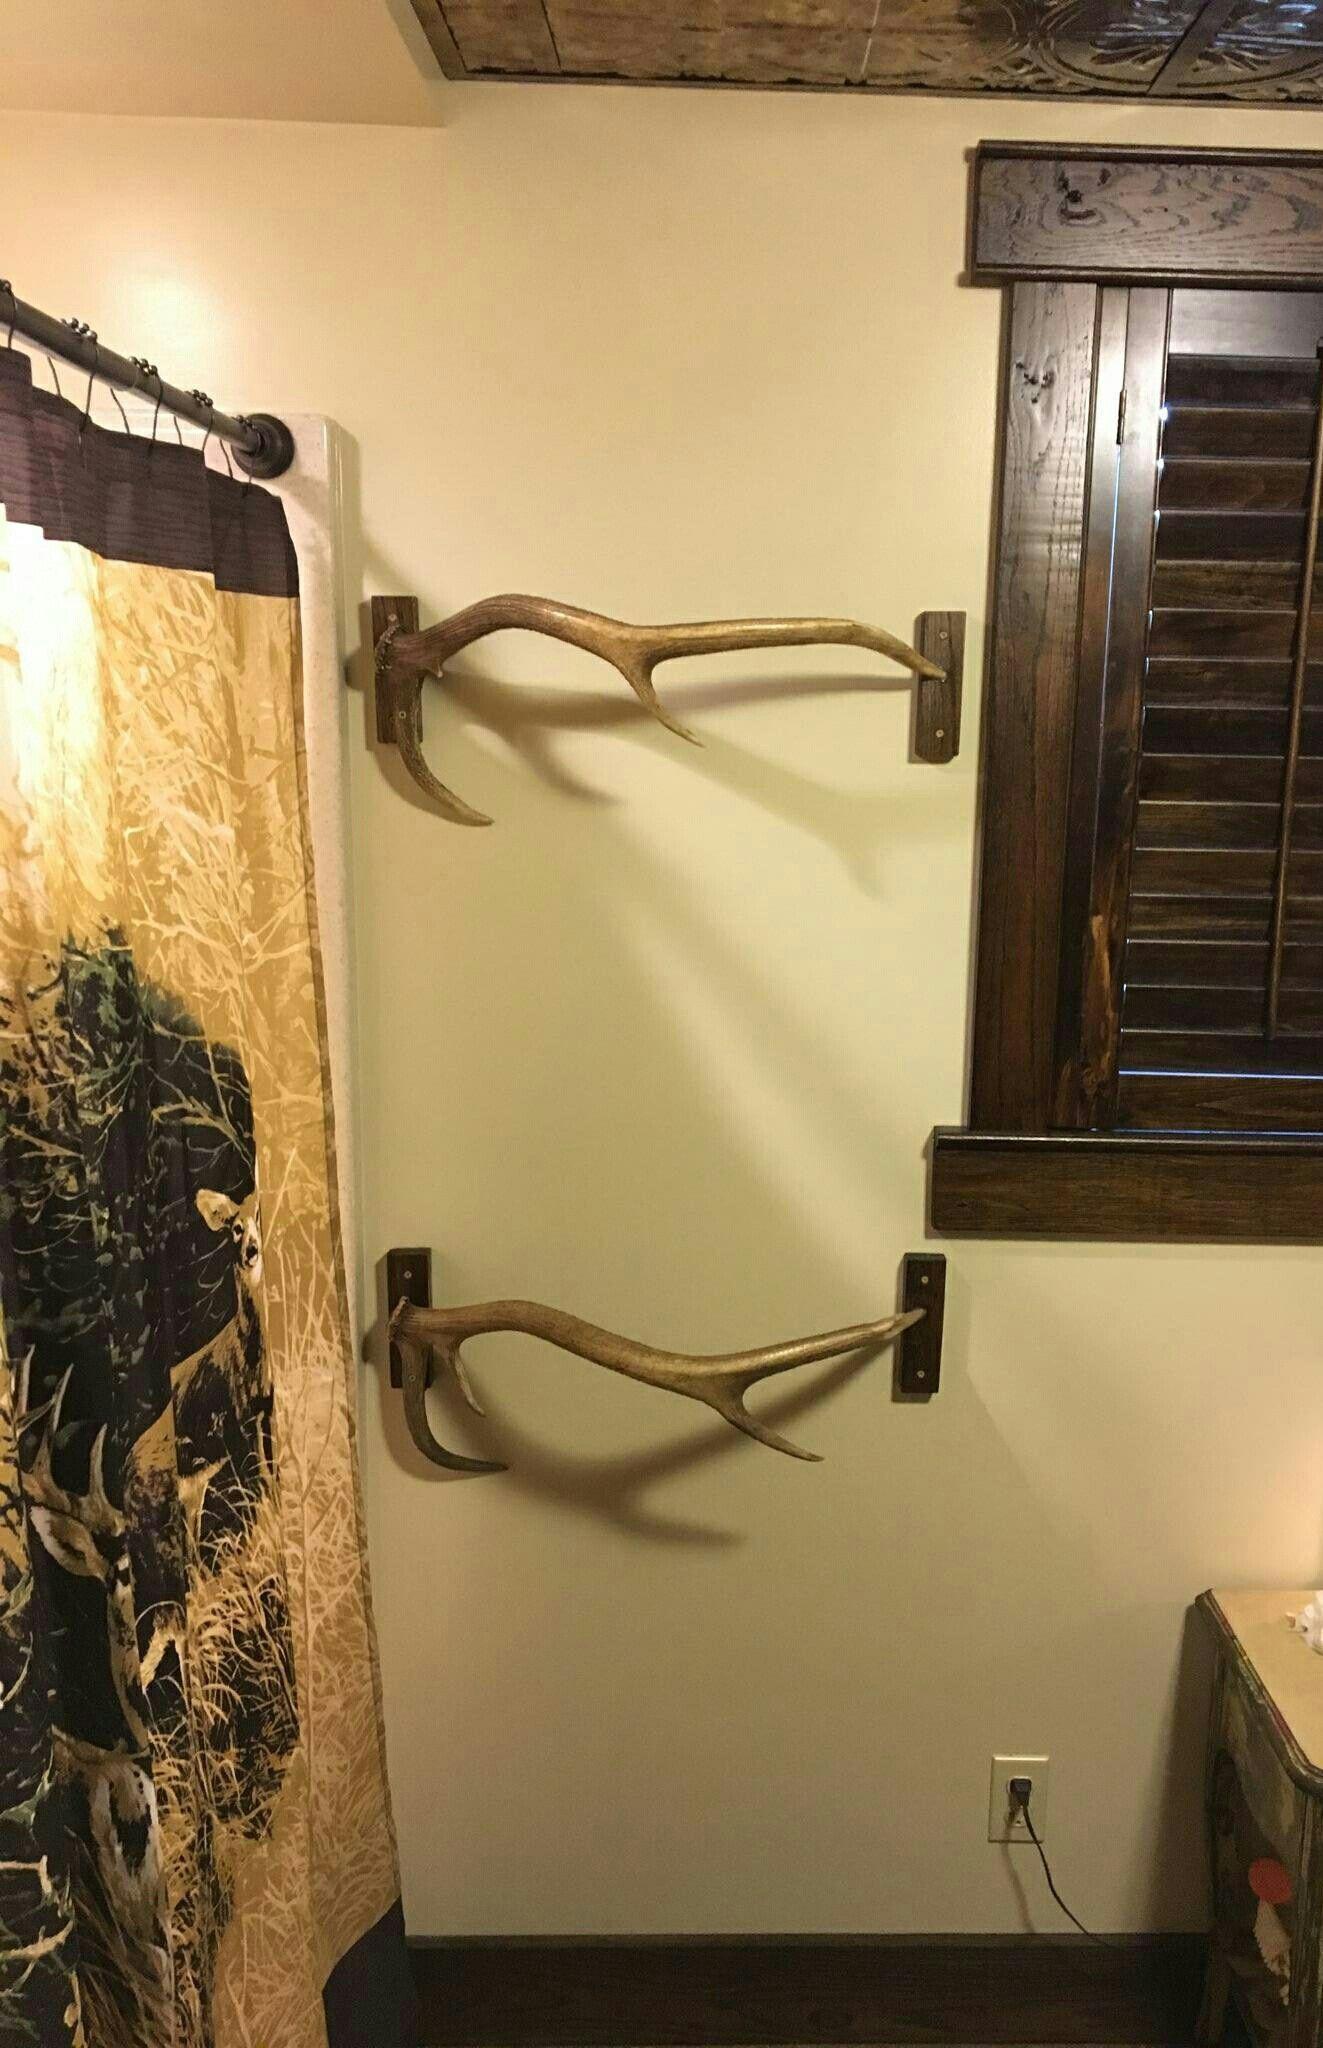 glamorous bathroom towel rack decorating ideas | √35+ Really Inspiring Bathroom Towel Racks Ideas ...